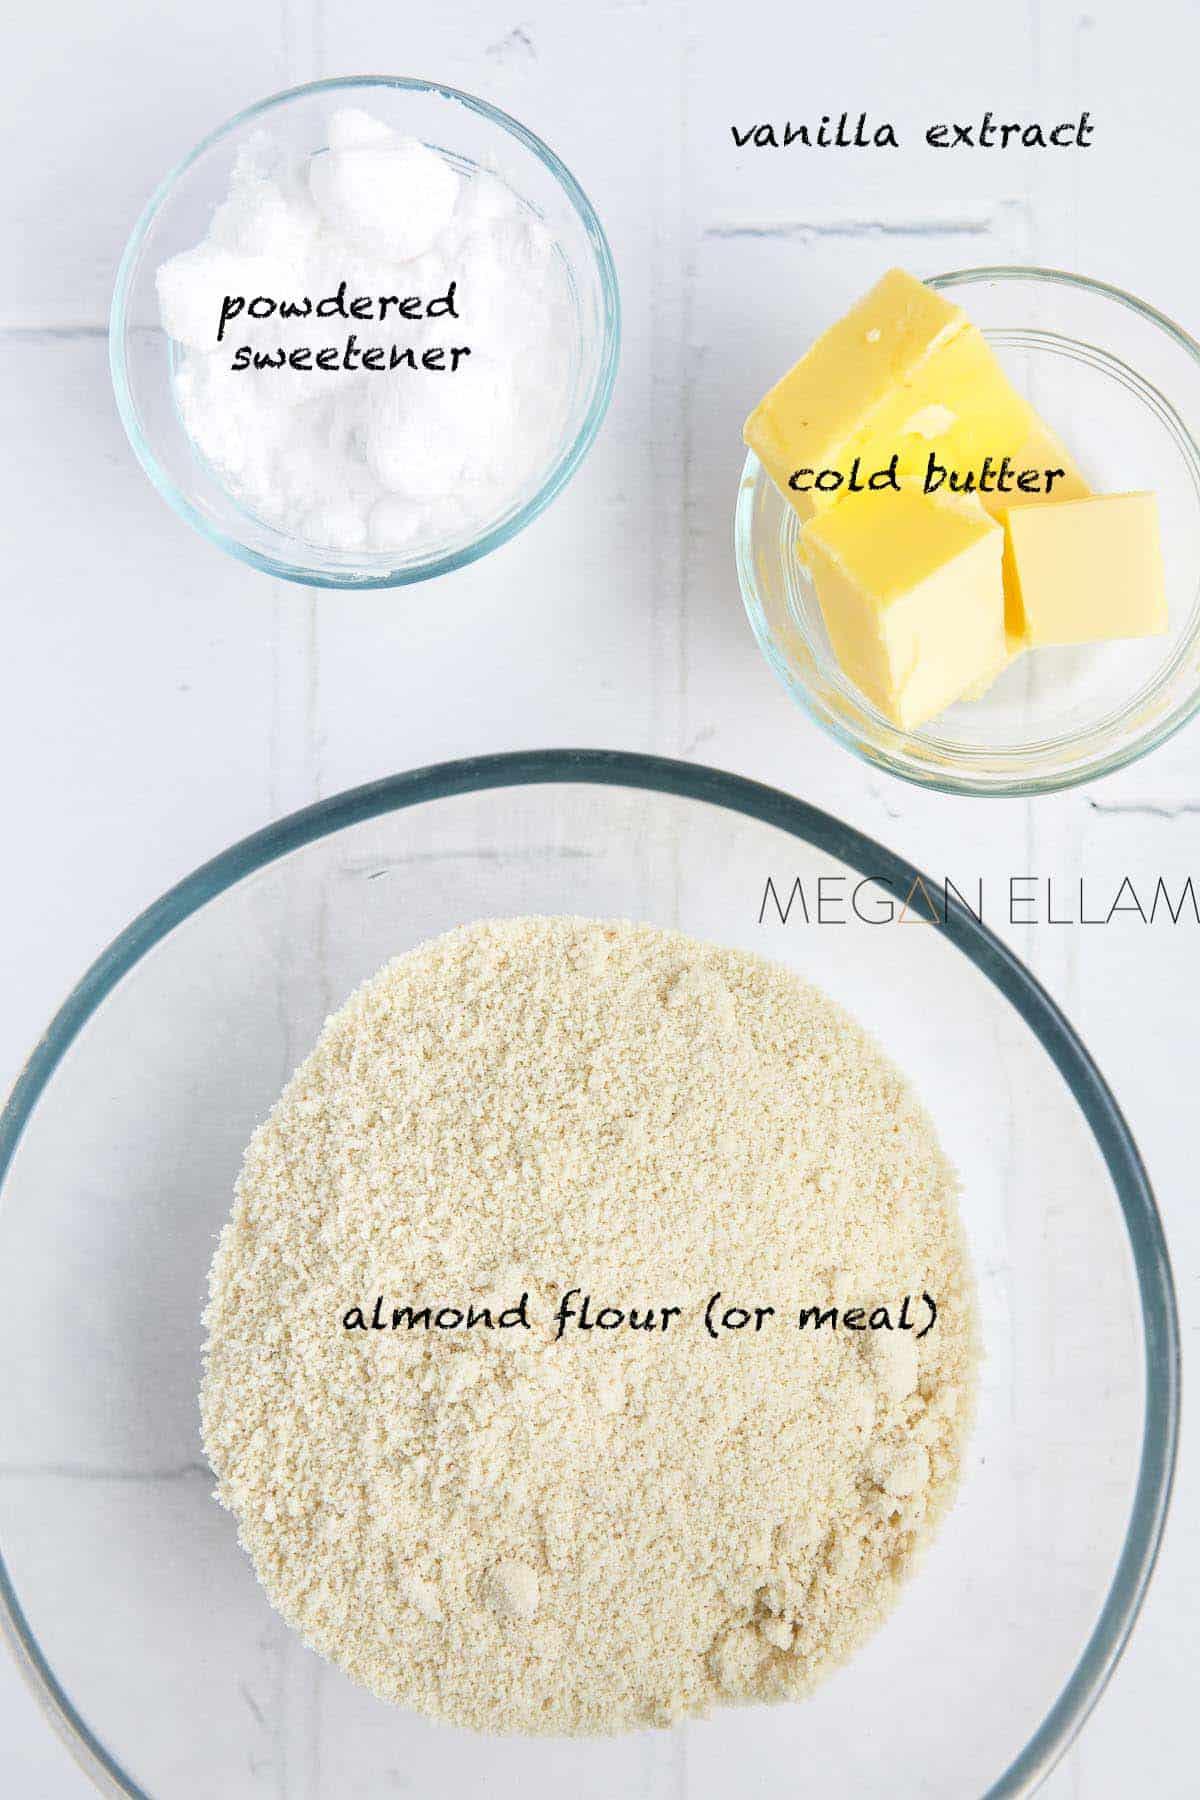 Almond Flour Pie Crust ingredients in bowls.